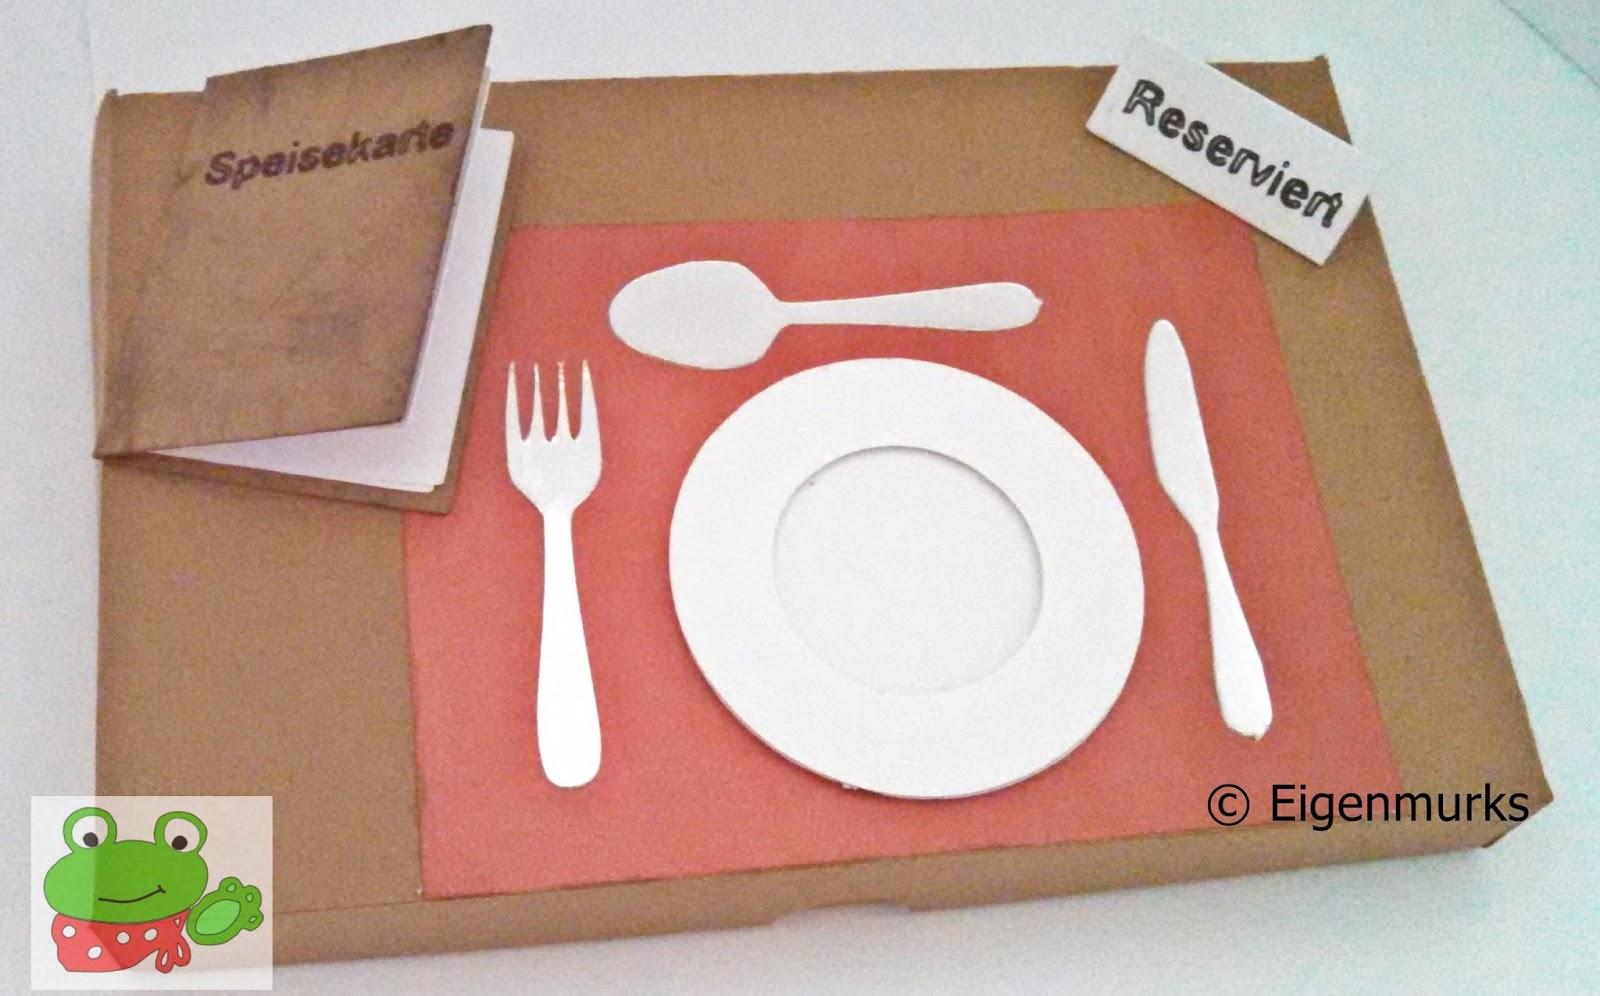 Grusskarte Essen Einladung U2013 Onconnect, Einladung